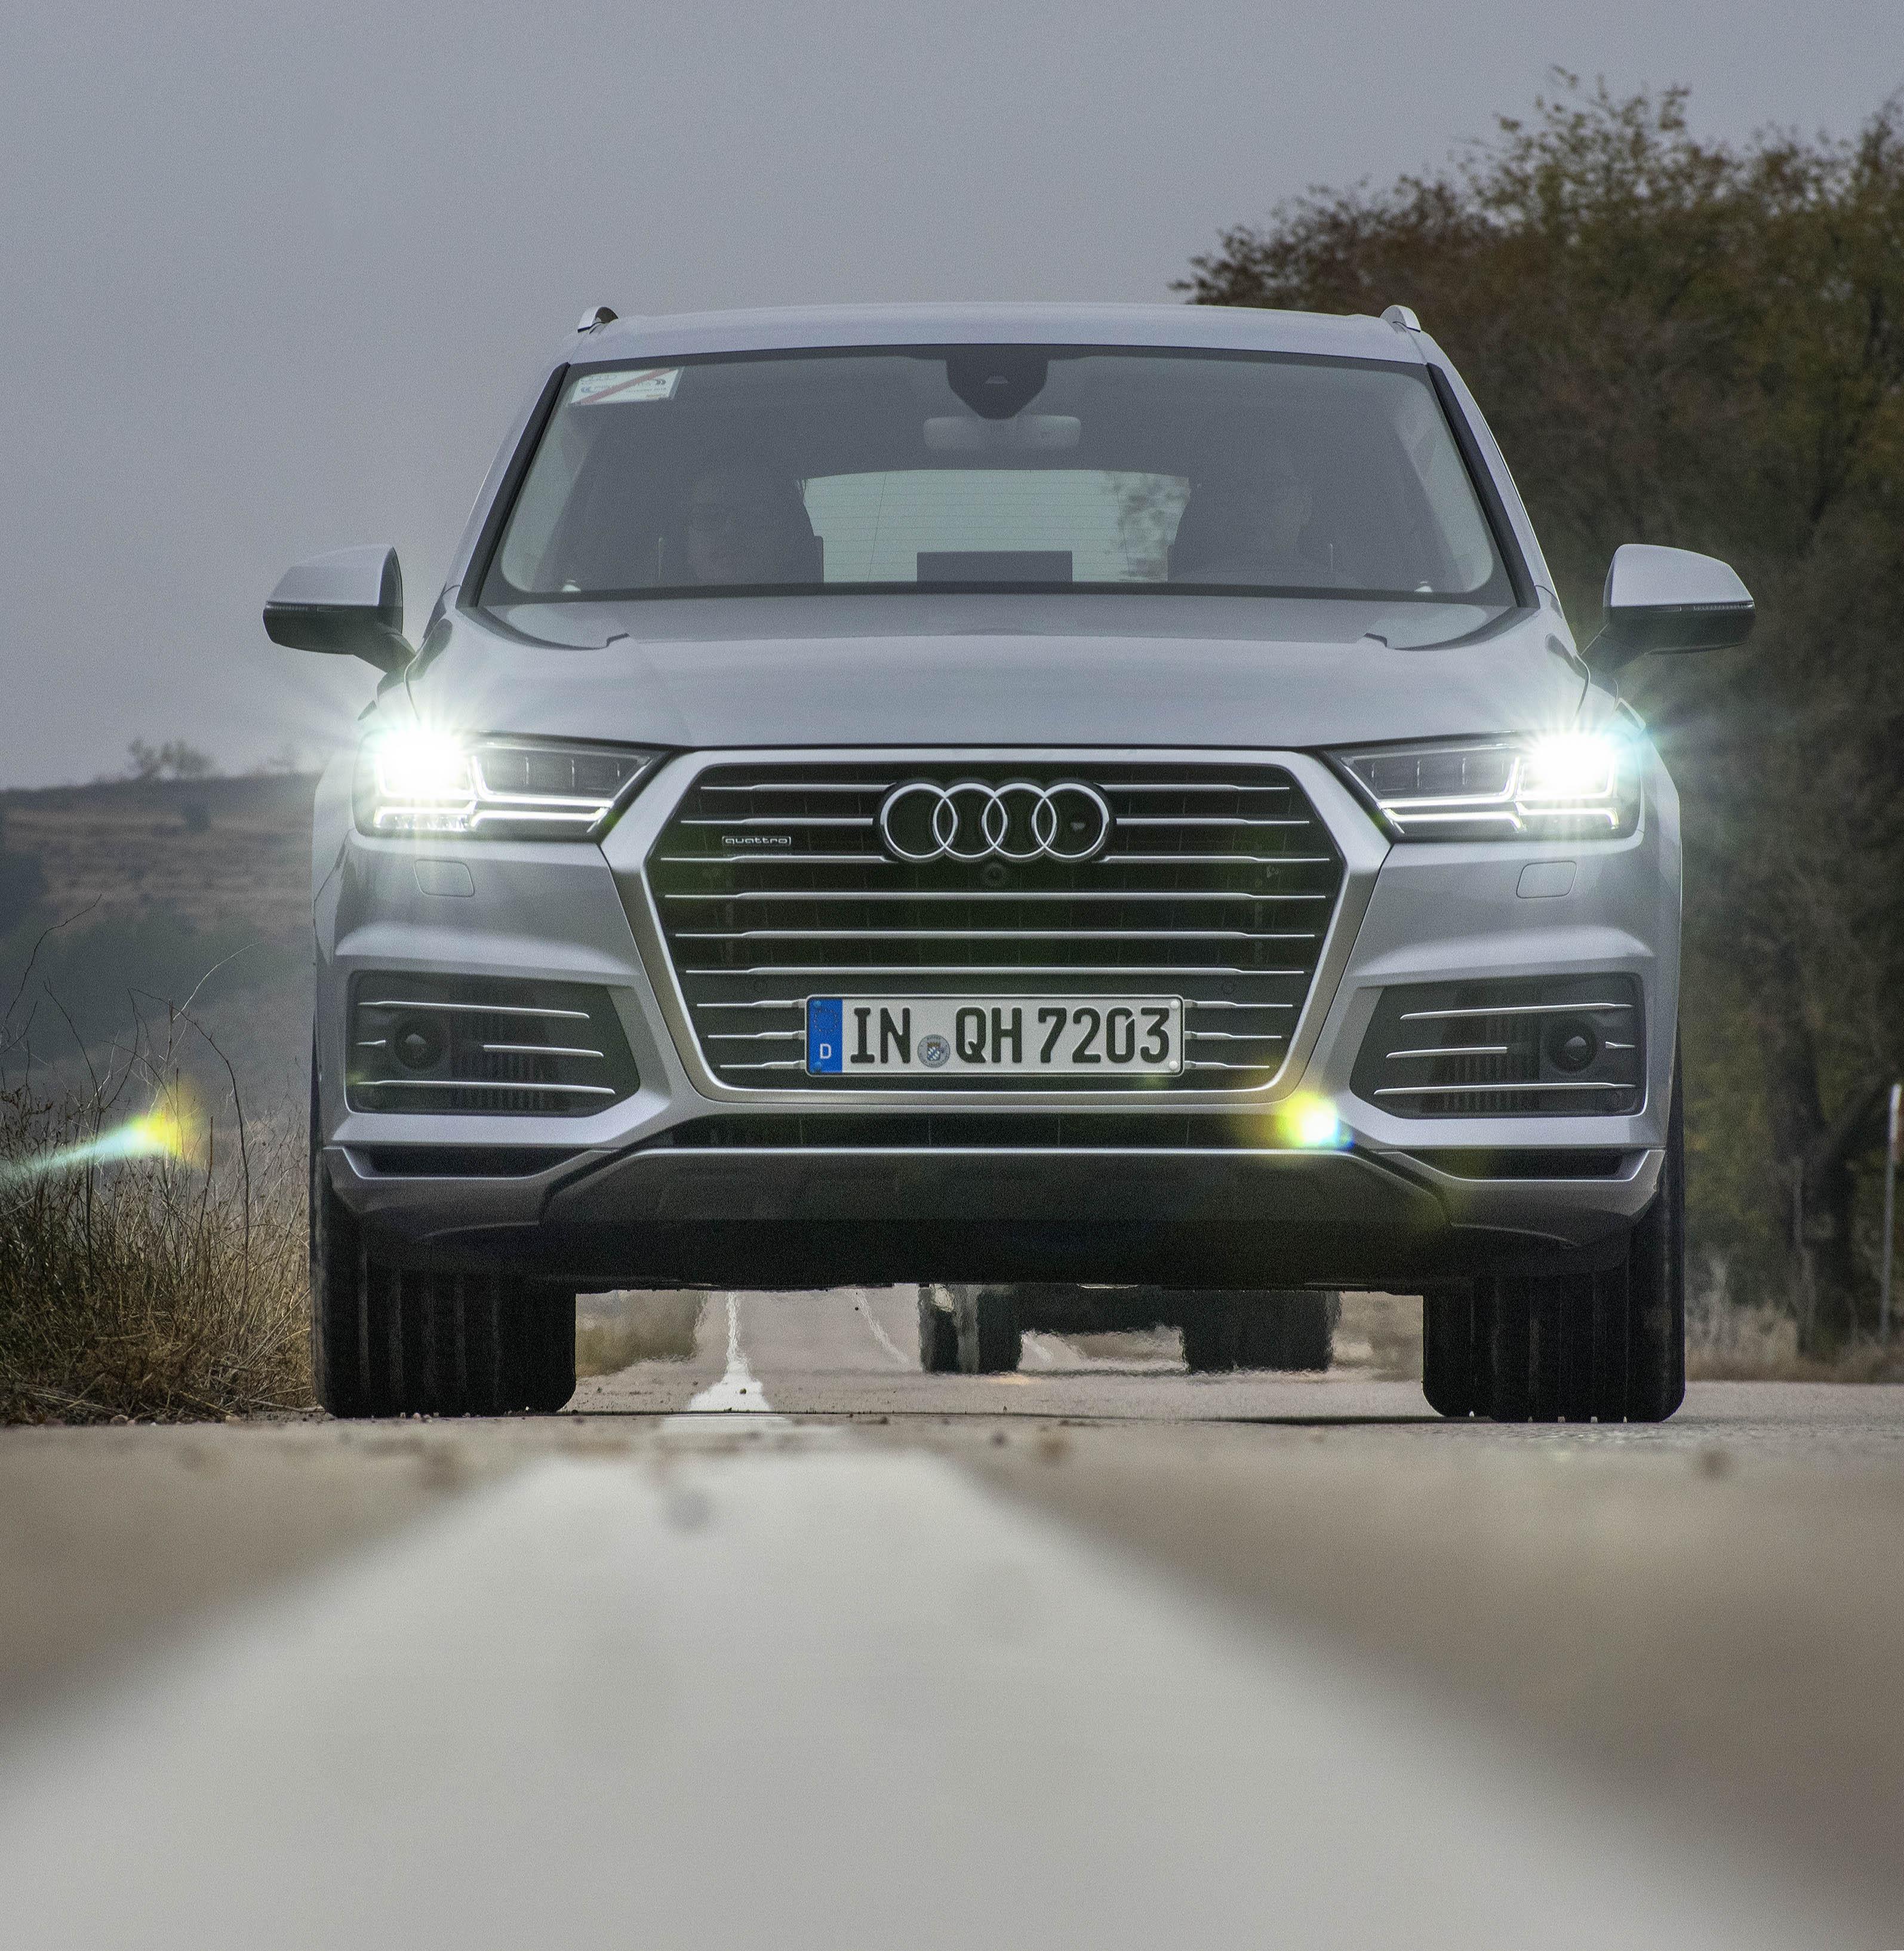 Audi Q7 e-tron Foto: Steafn Nilsson, ph: +46703399111 Copyright: Bildbyrån SYD, mail: bilder@mac.com